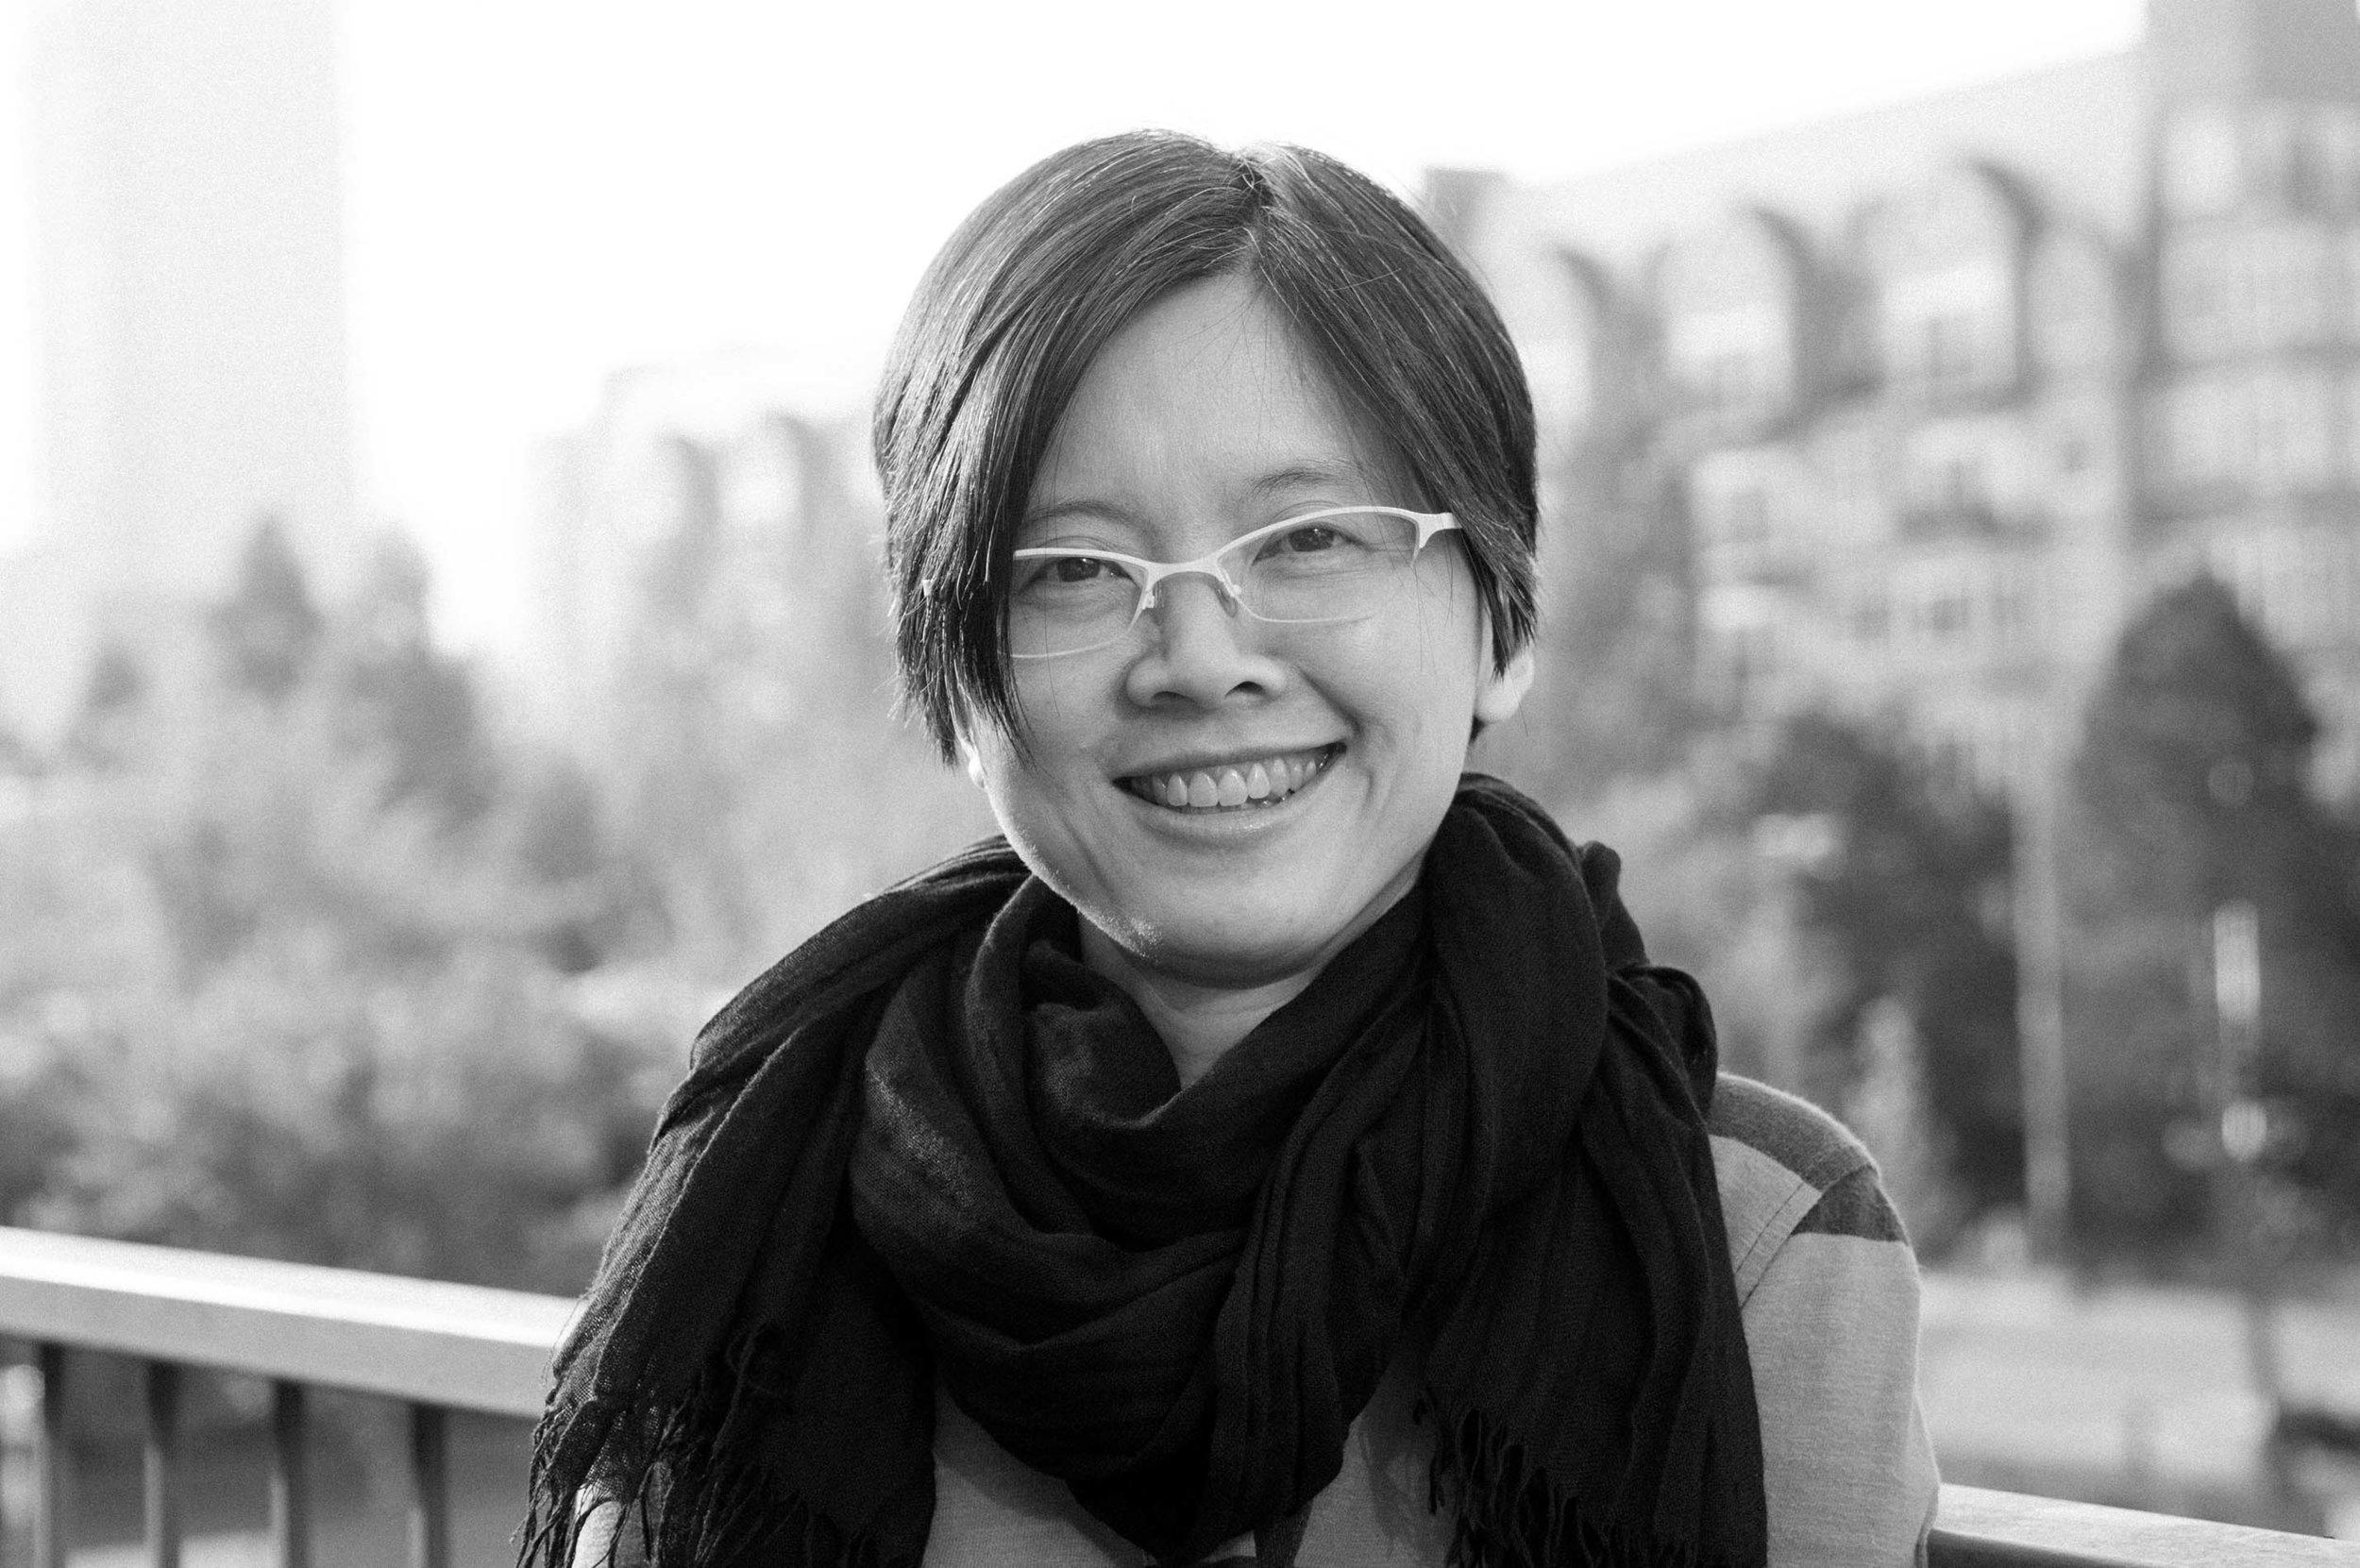 Kusi Chaijumroonpun, Project Manager